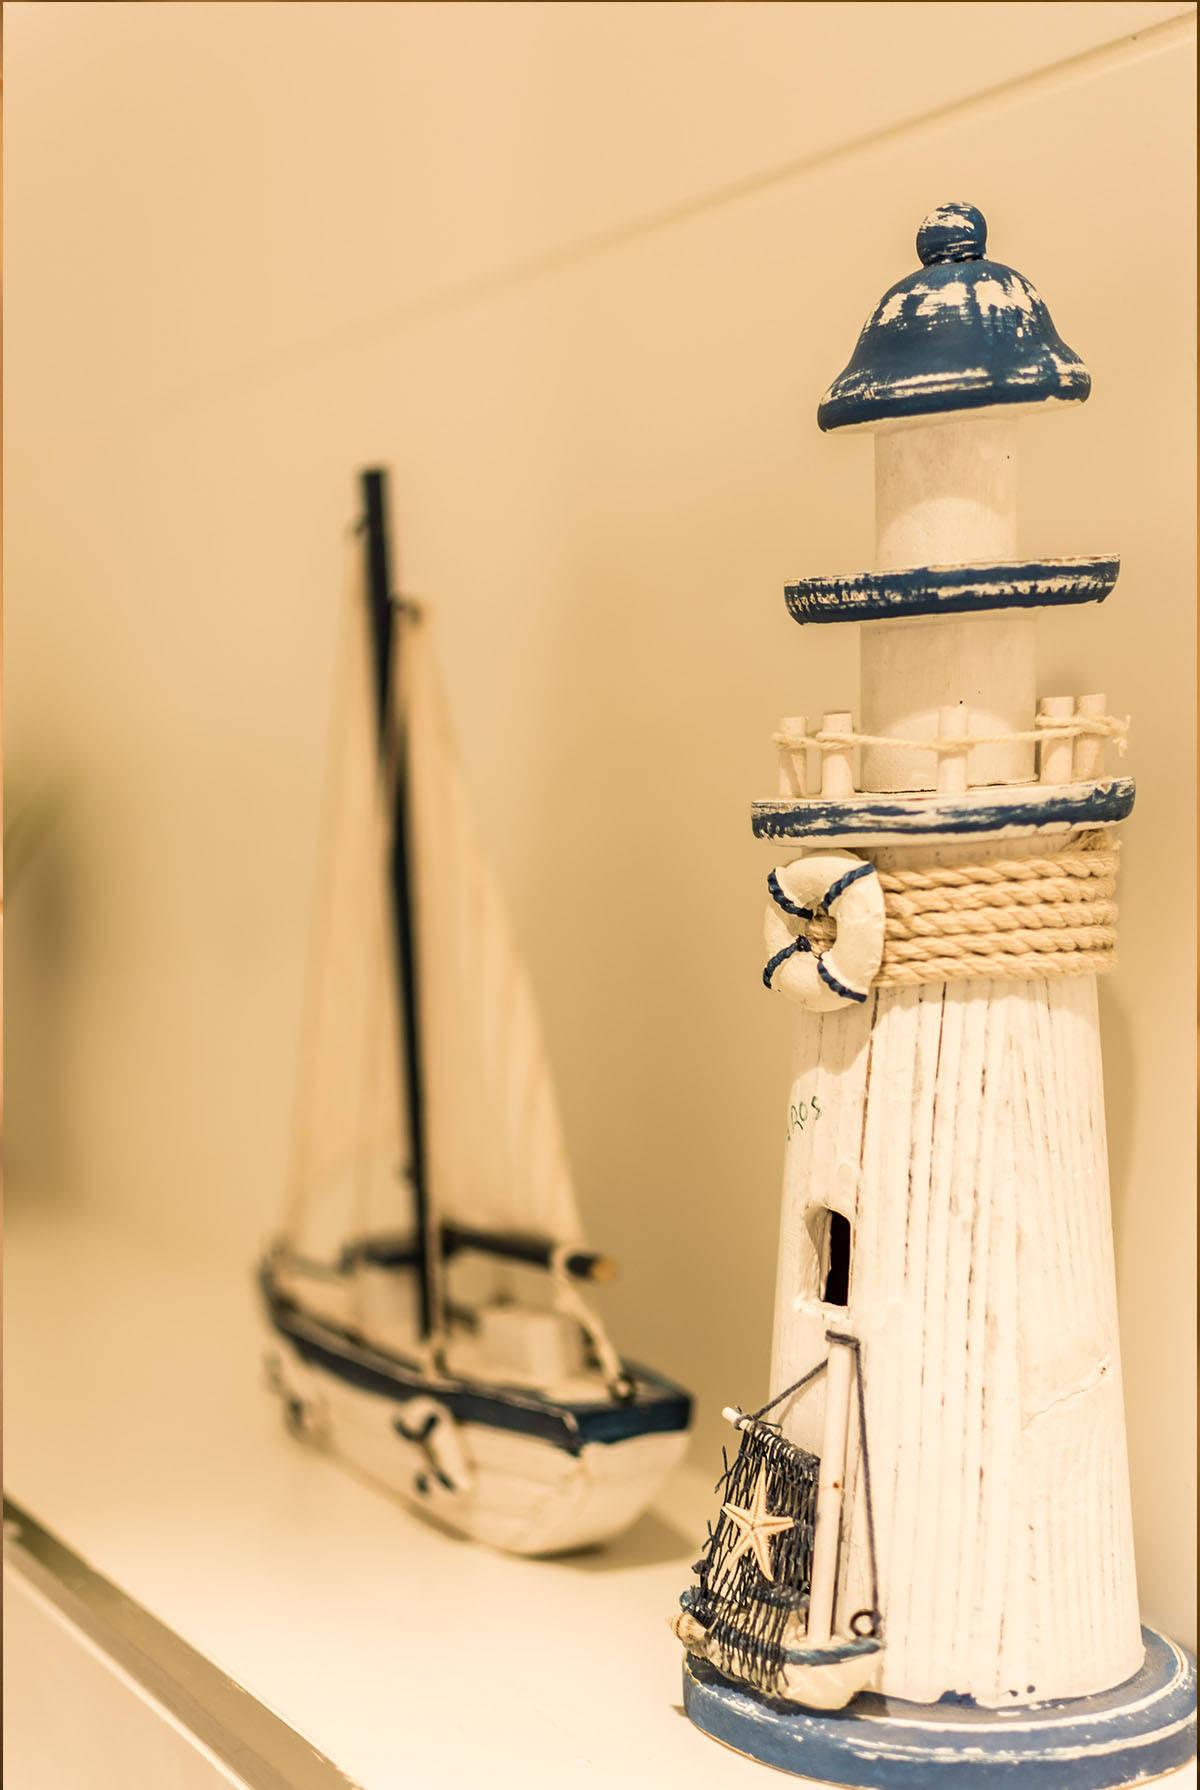 פריטי עיצוב של סירת מפרש ומגדלור מעץ לבן בחדר רחצה בכפר סבא הירוקה - שירית דרמן מעצבת פנים